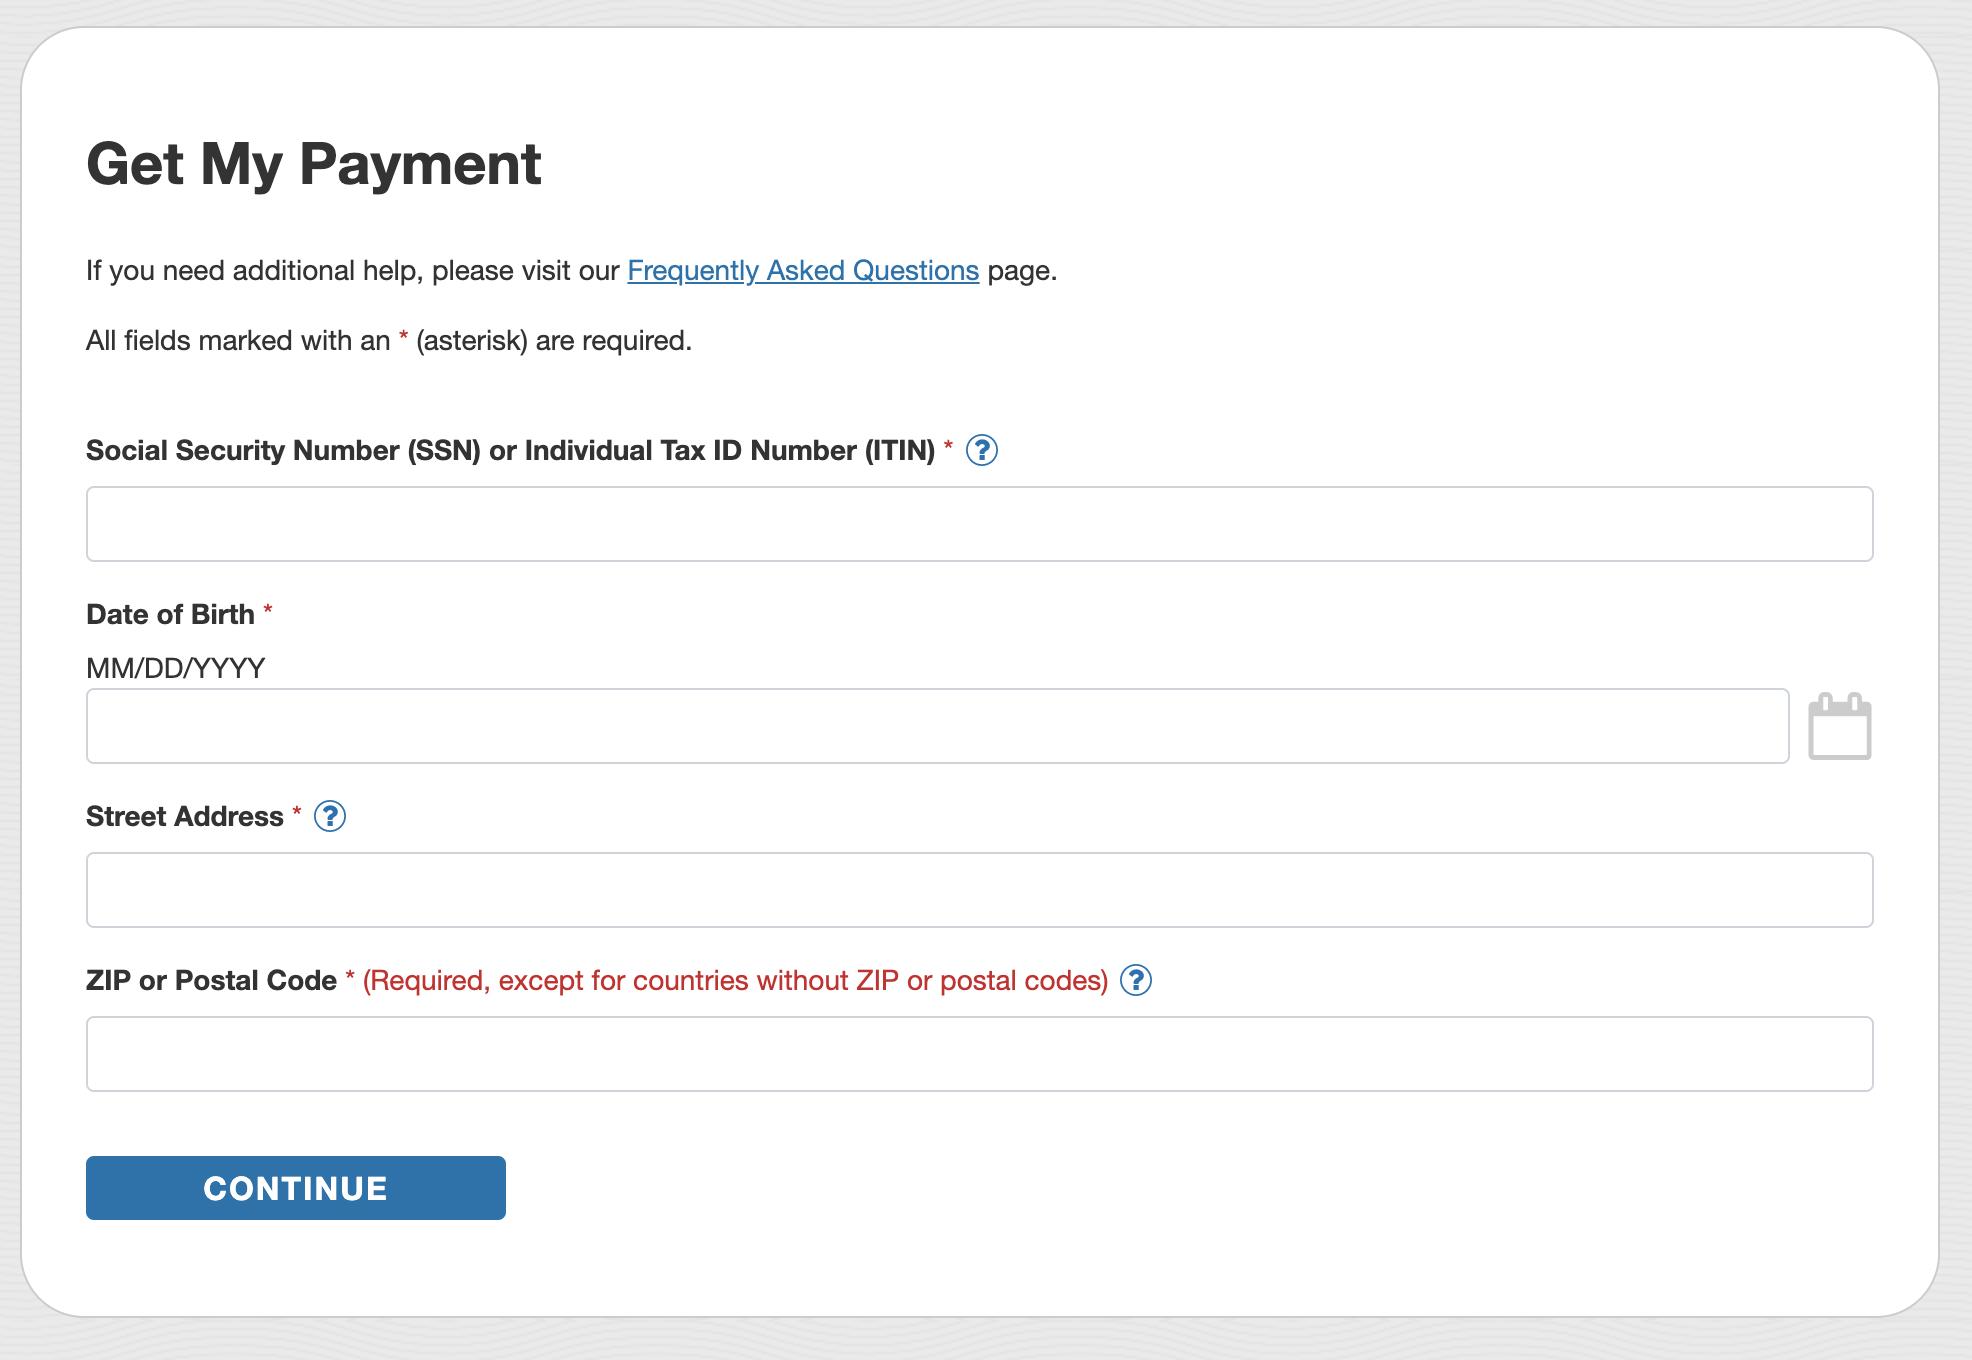 没领到钱的速查!这个网站可查询更改纾困款信息_图1-3